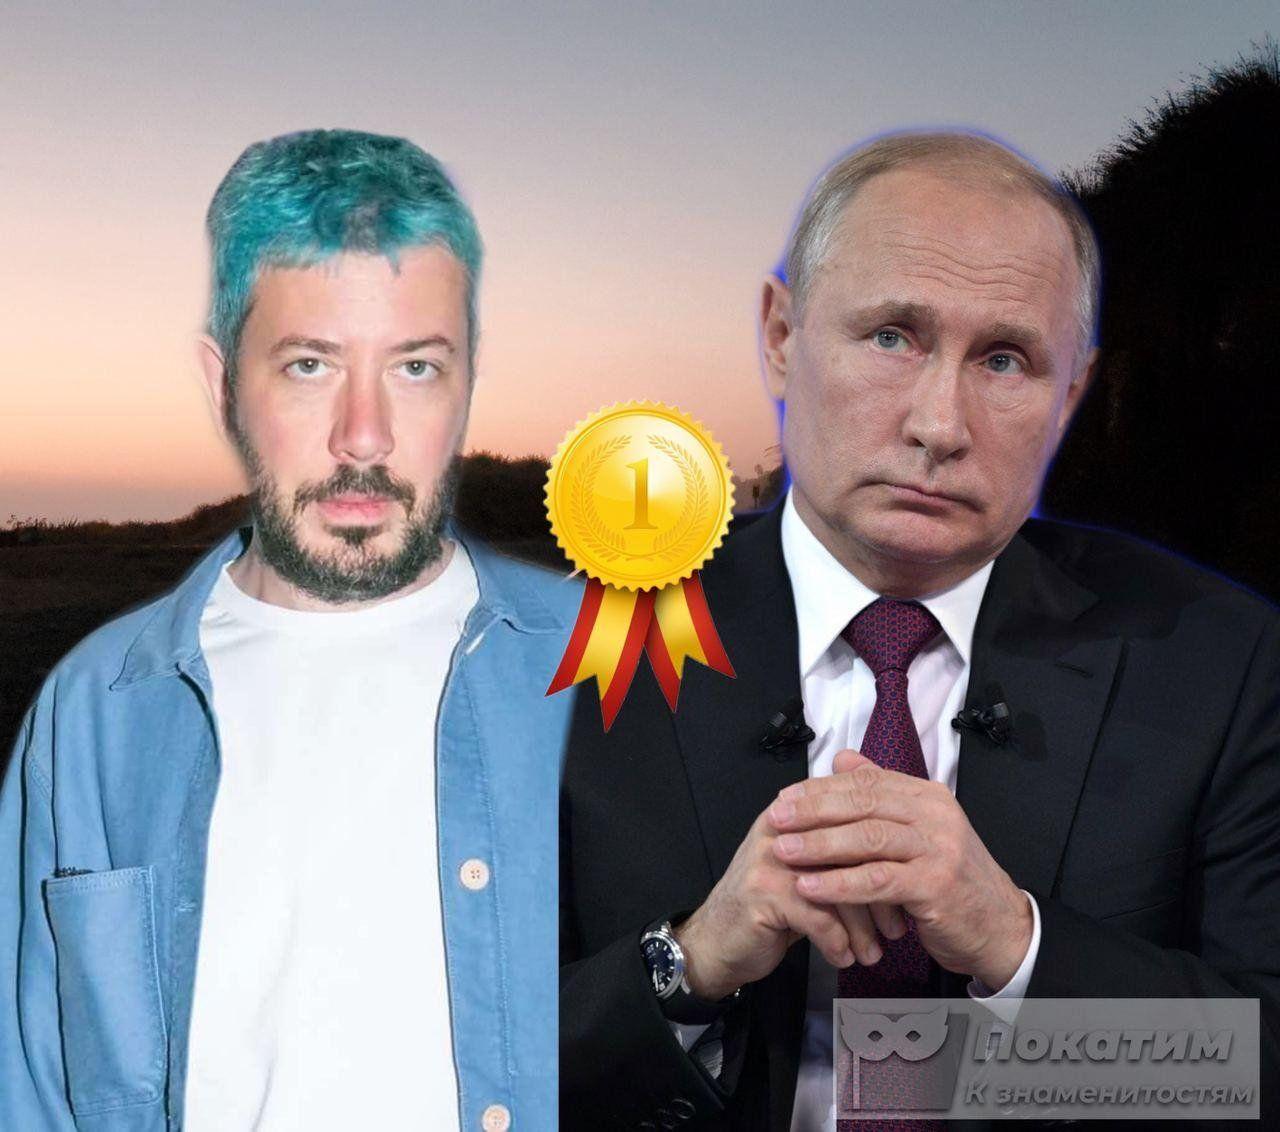 Похабные оскорбления Родины или зачто Путин наградил Лебедева медалью «Зазаслуги перед Отечеством»